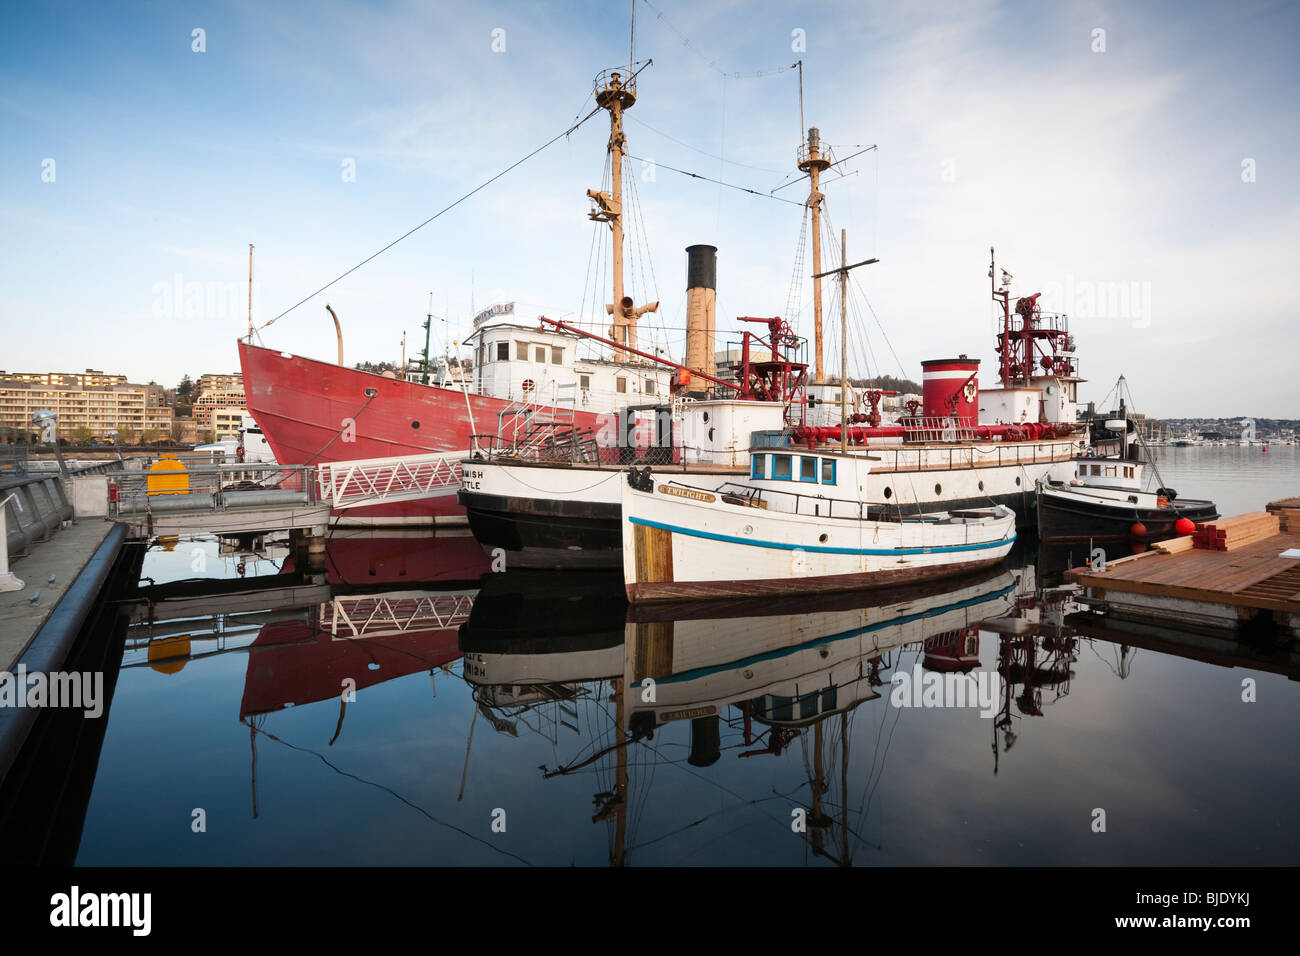 Historic Ships Docked at Heritage Wharf, Lake Union Park, South Lake Union, Seattle, Washington Stock Photo